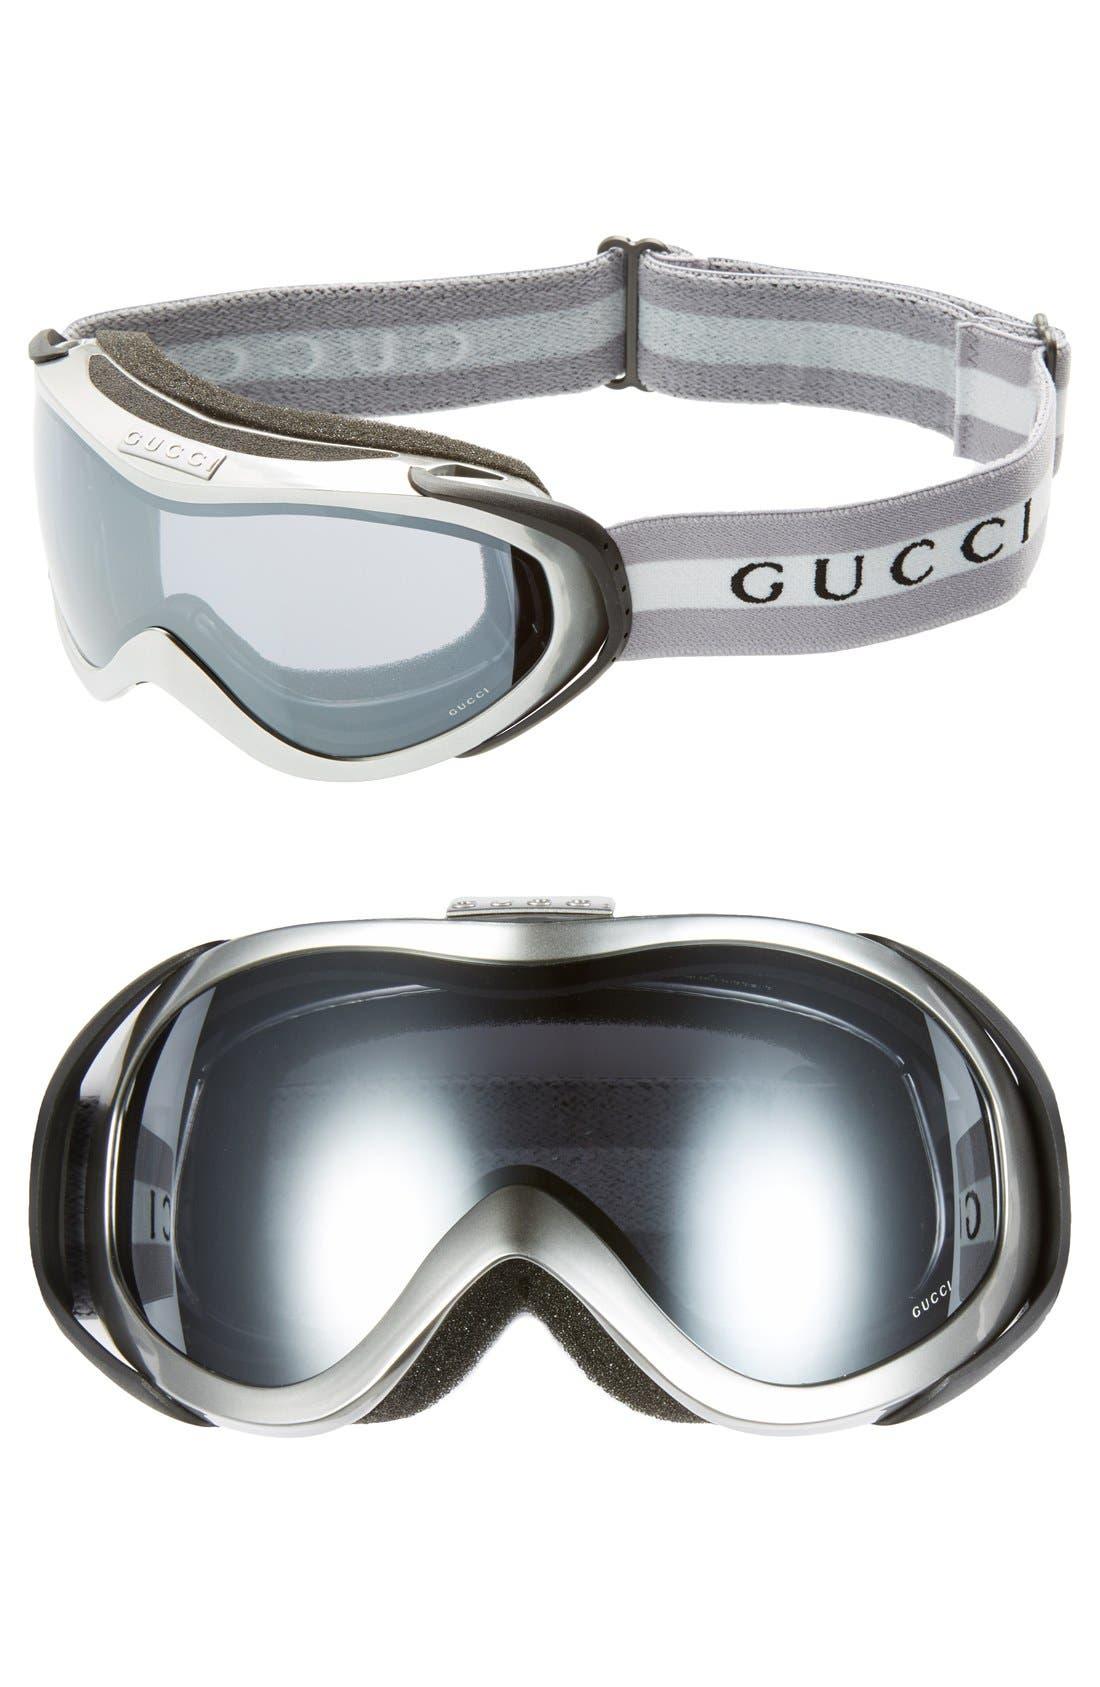 gucci goggles. main image - gucci ski goggles